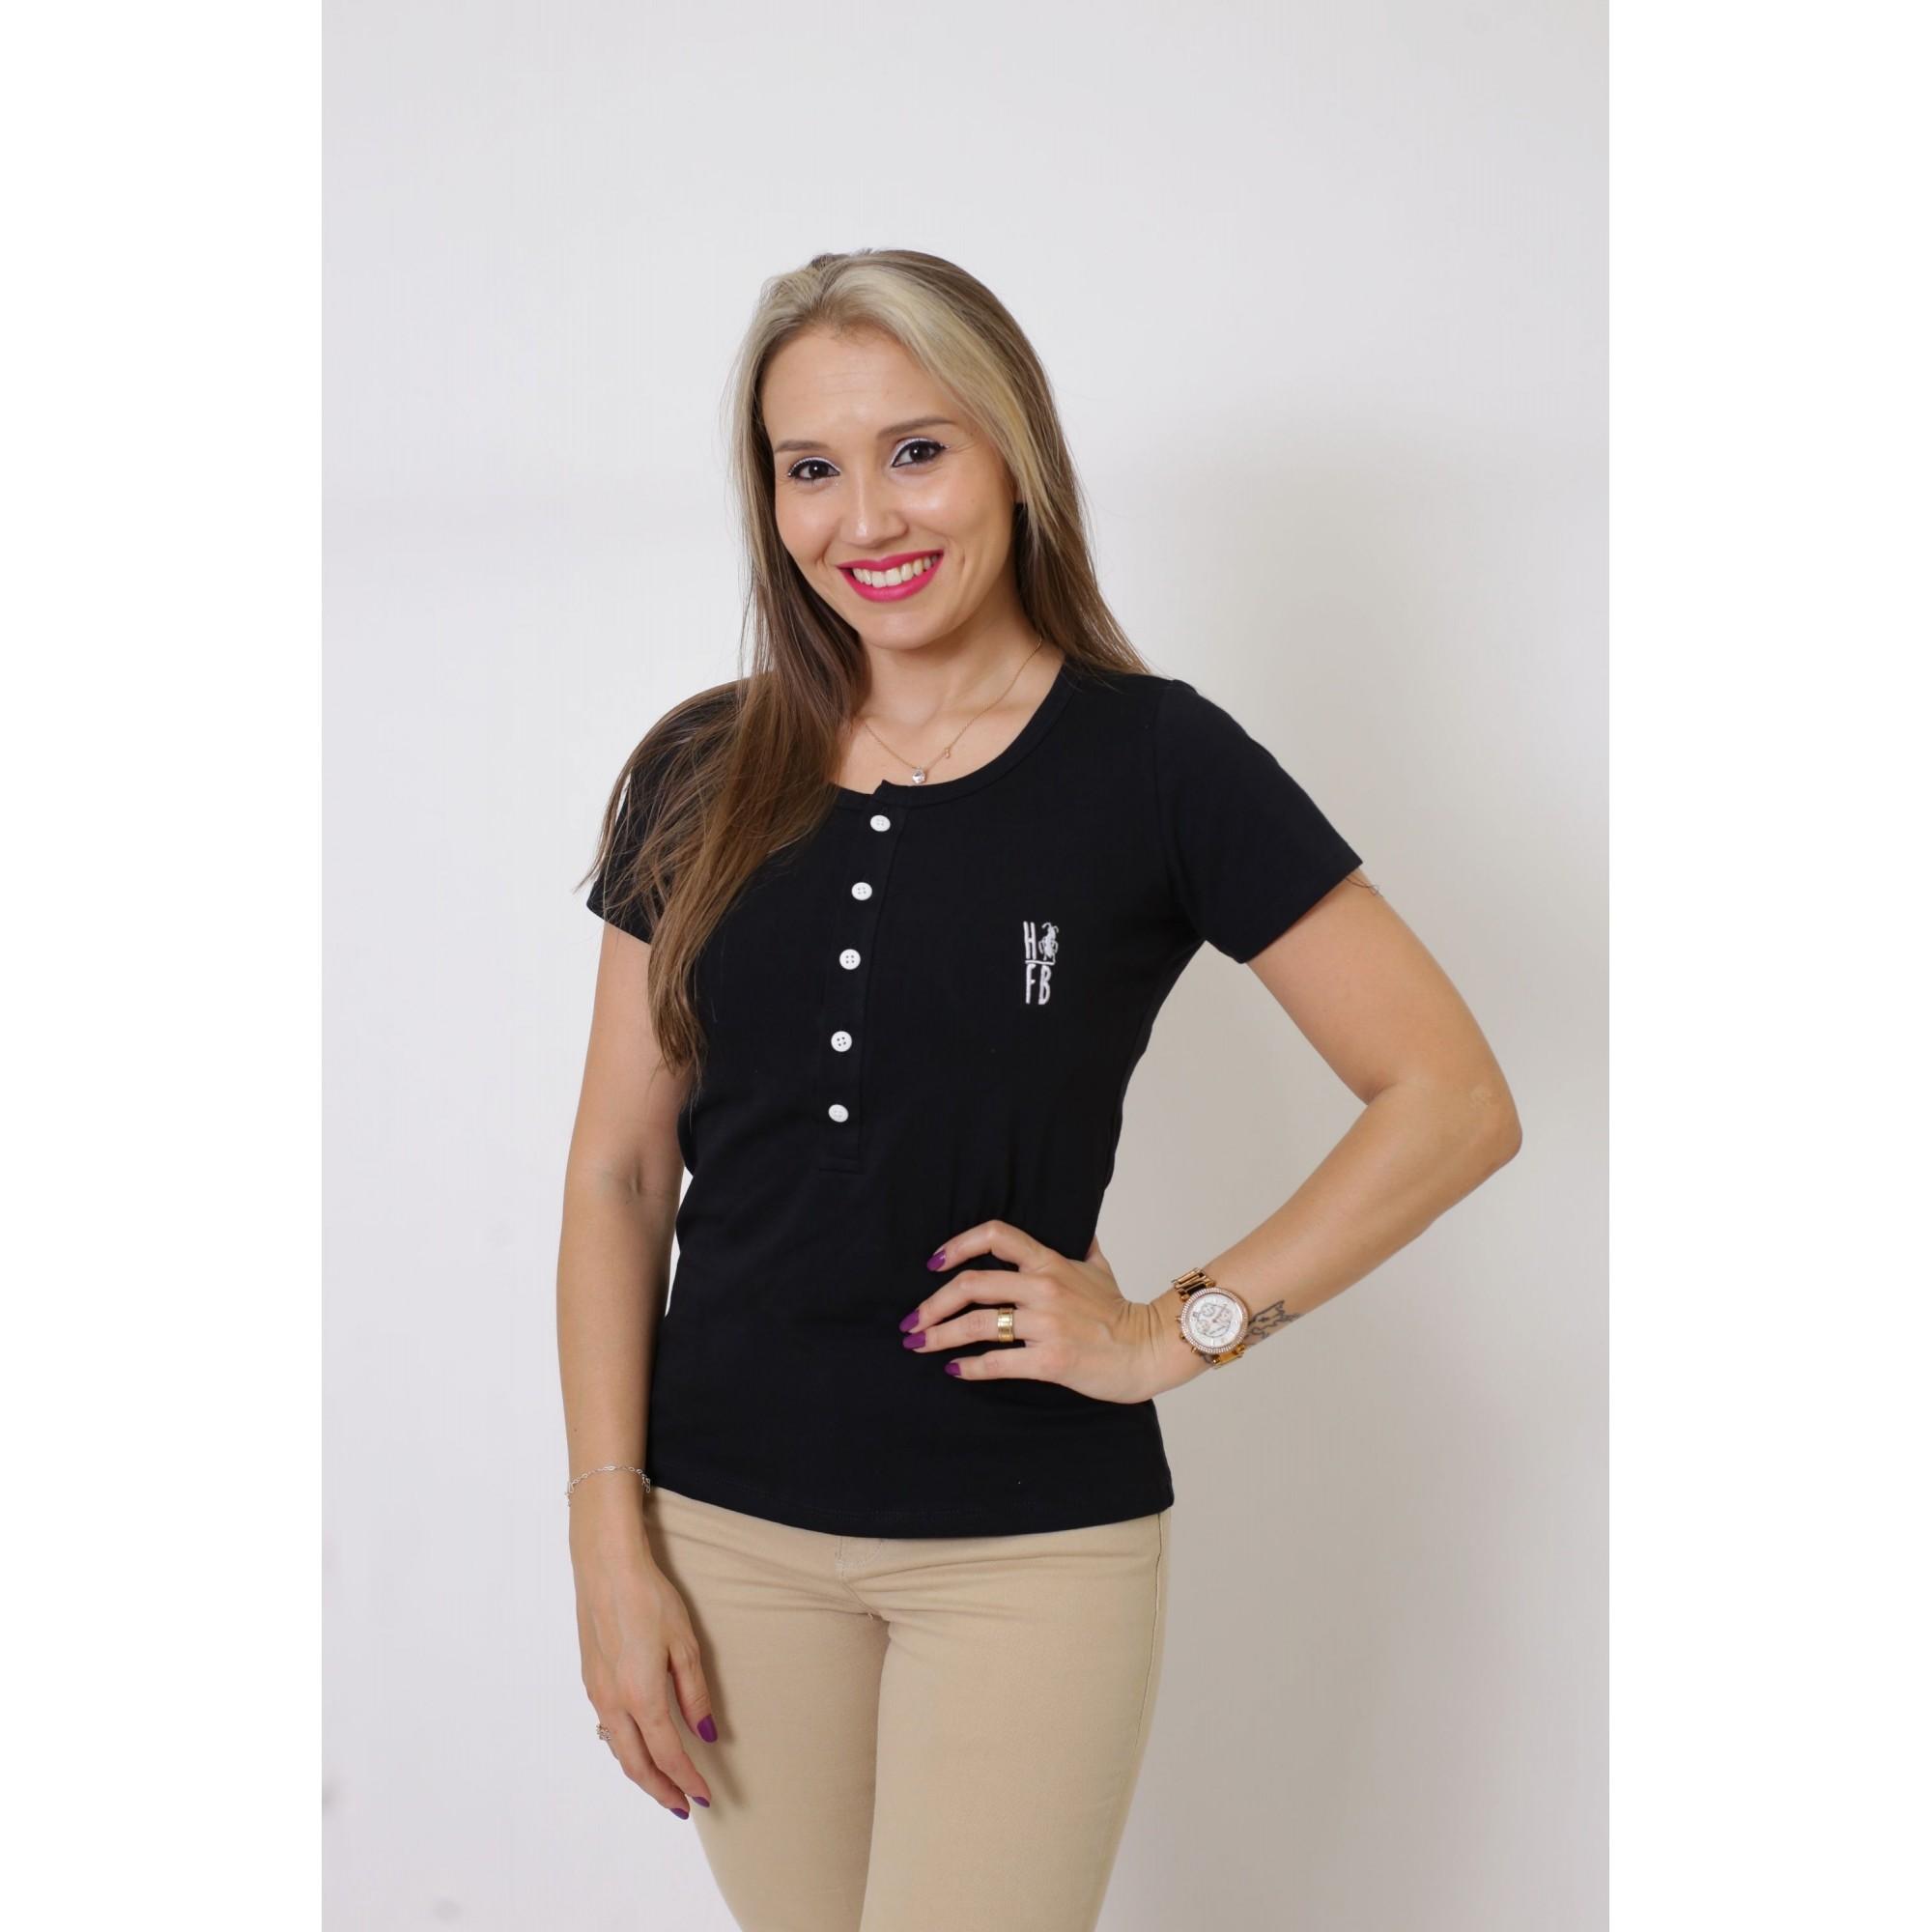 NAMORADOS > Kit 02 Peças T-Shirt Henley Preto - Masculina + Feminina [Coleção Namorados]  - Heitor Fashion Brazil